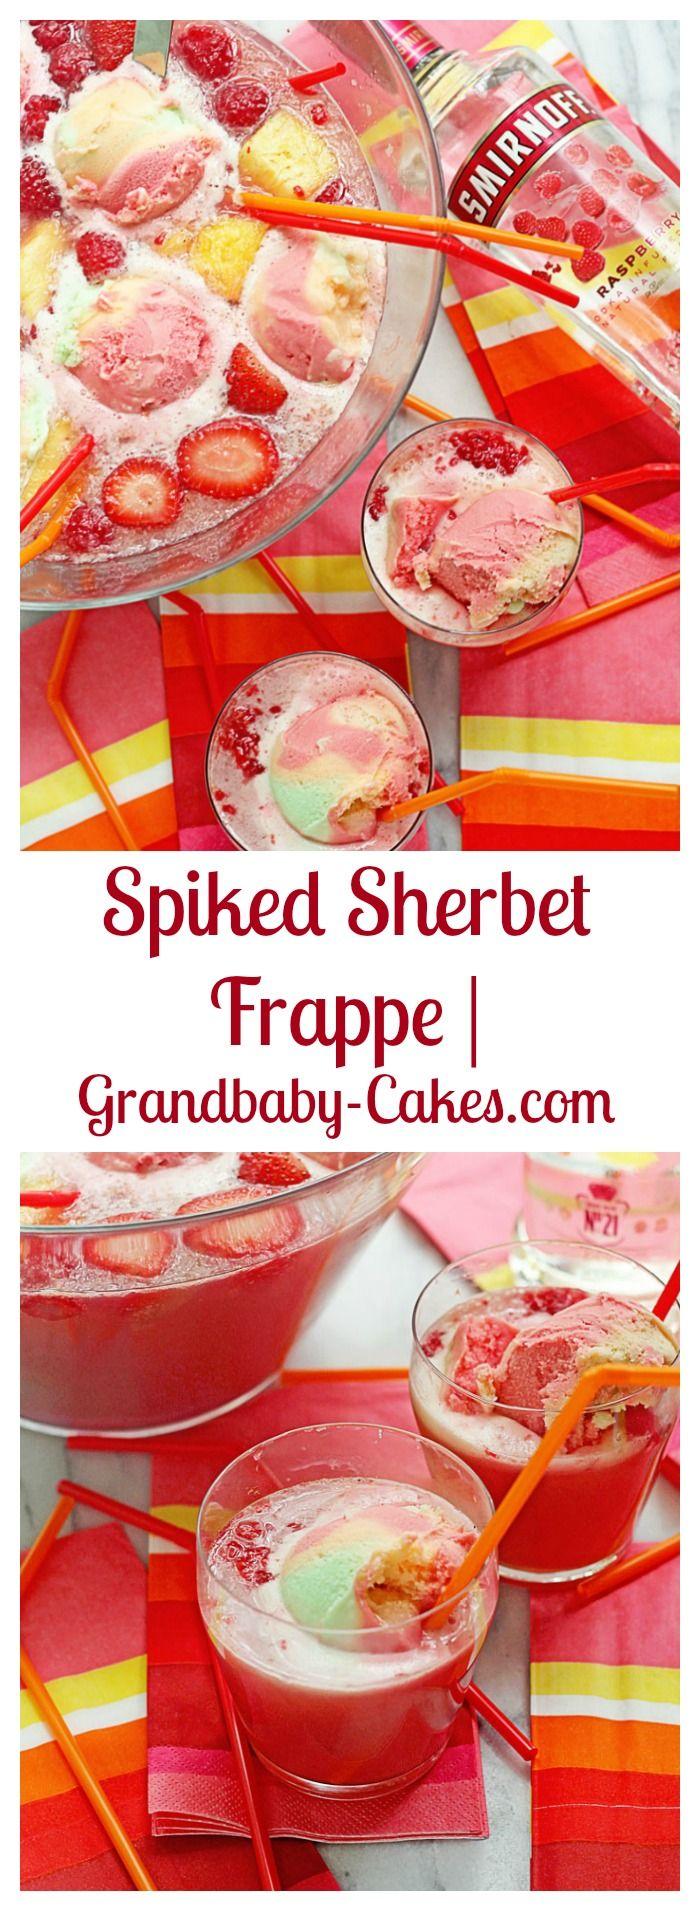 Spiked Sherbet Frappe   Grandbaby-Cakes.com #ad